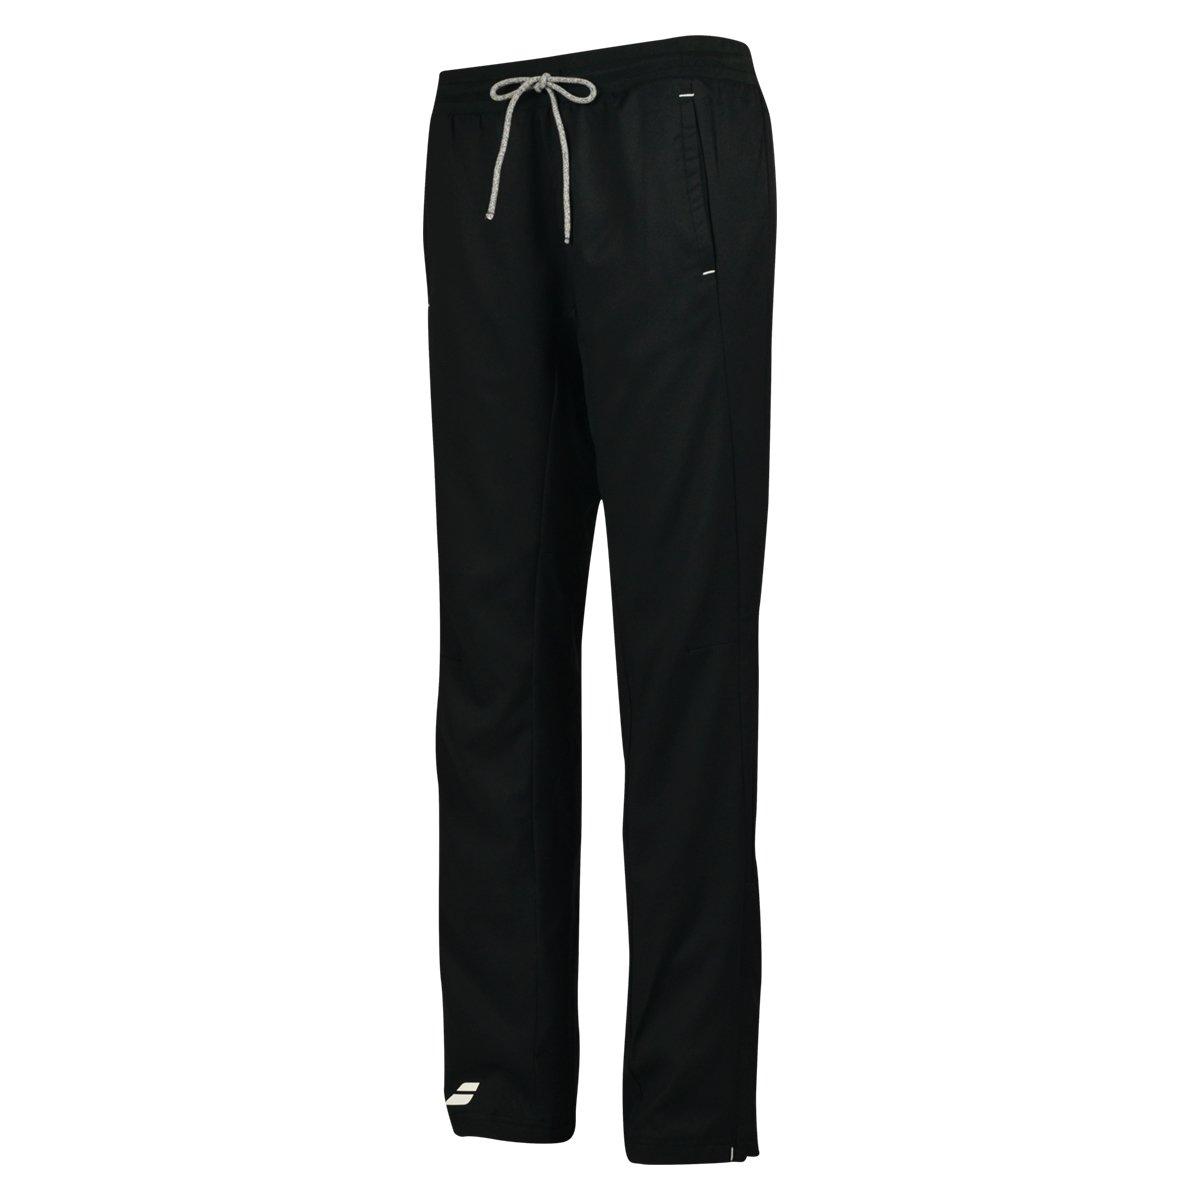 3WS18131 - Pant W core black M Babolat